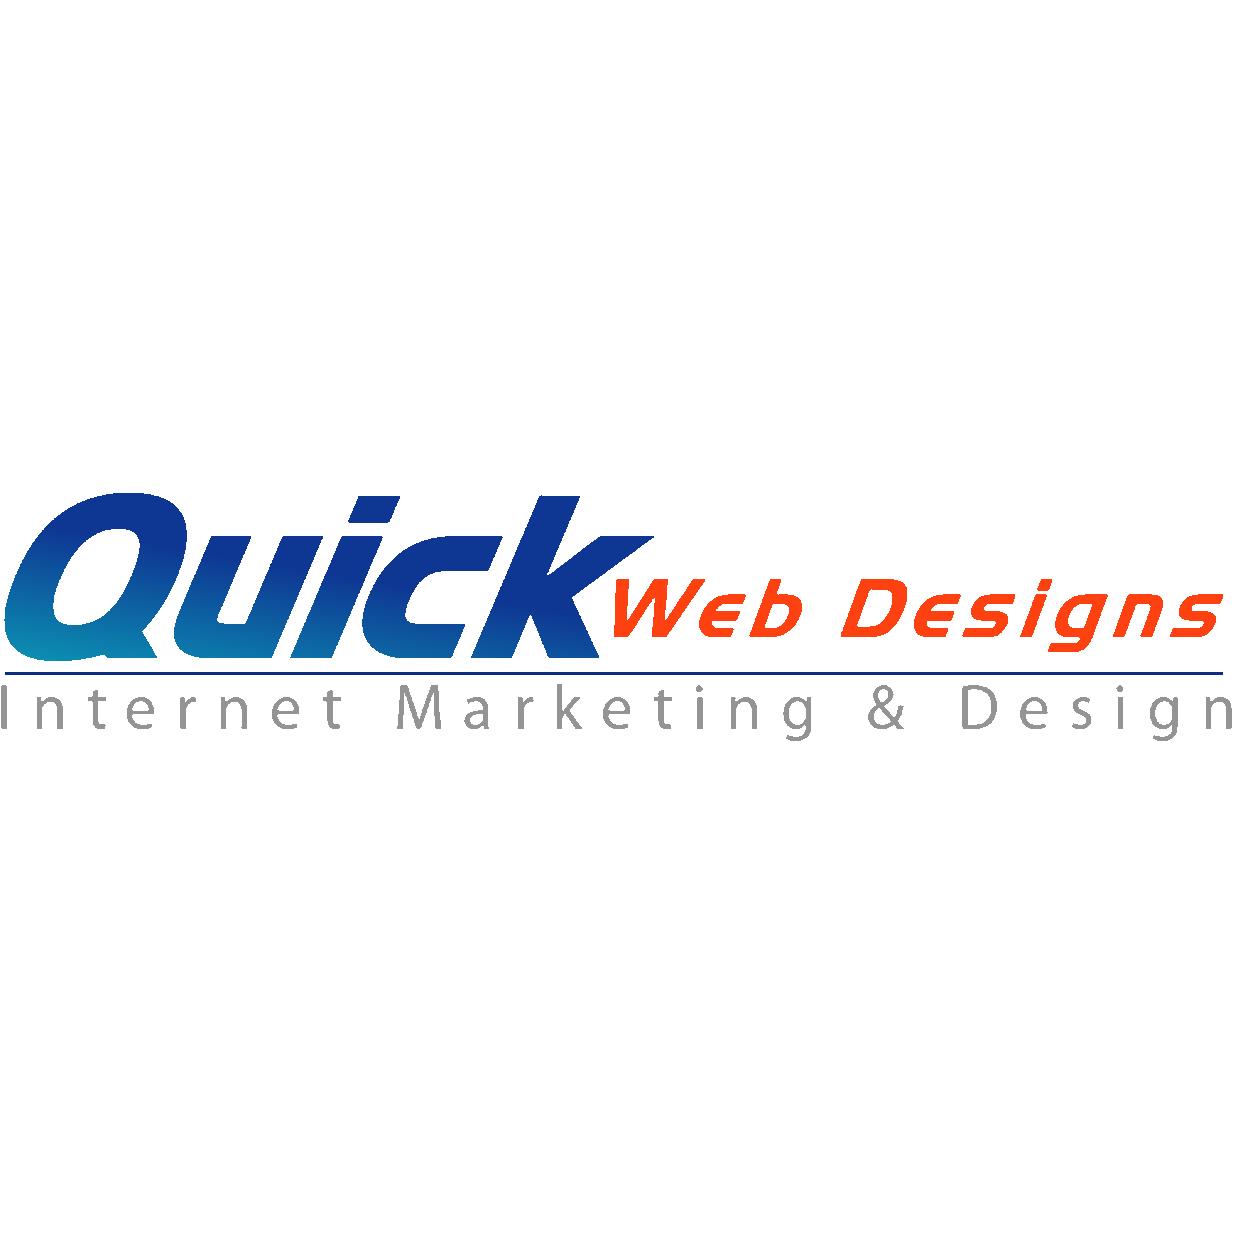 Quick Web Designs - Garner, NC 27529 - (919)285-1592 | ShowMeLocal.com